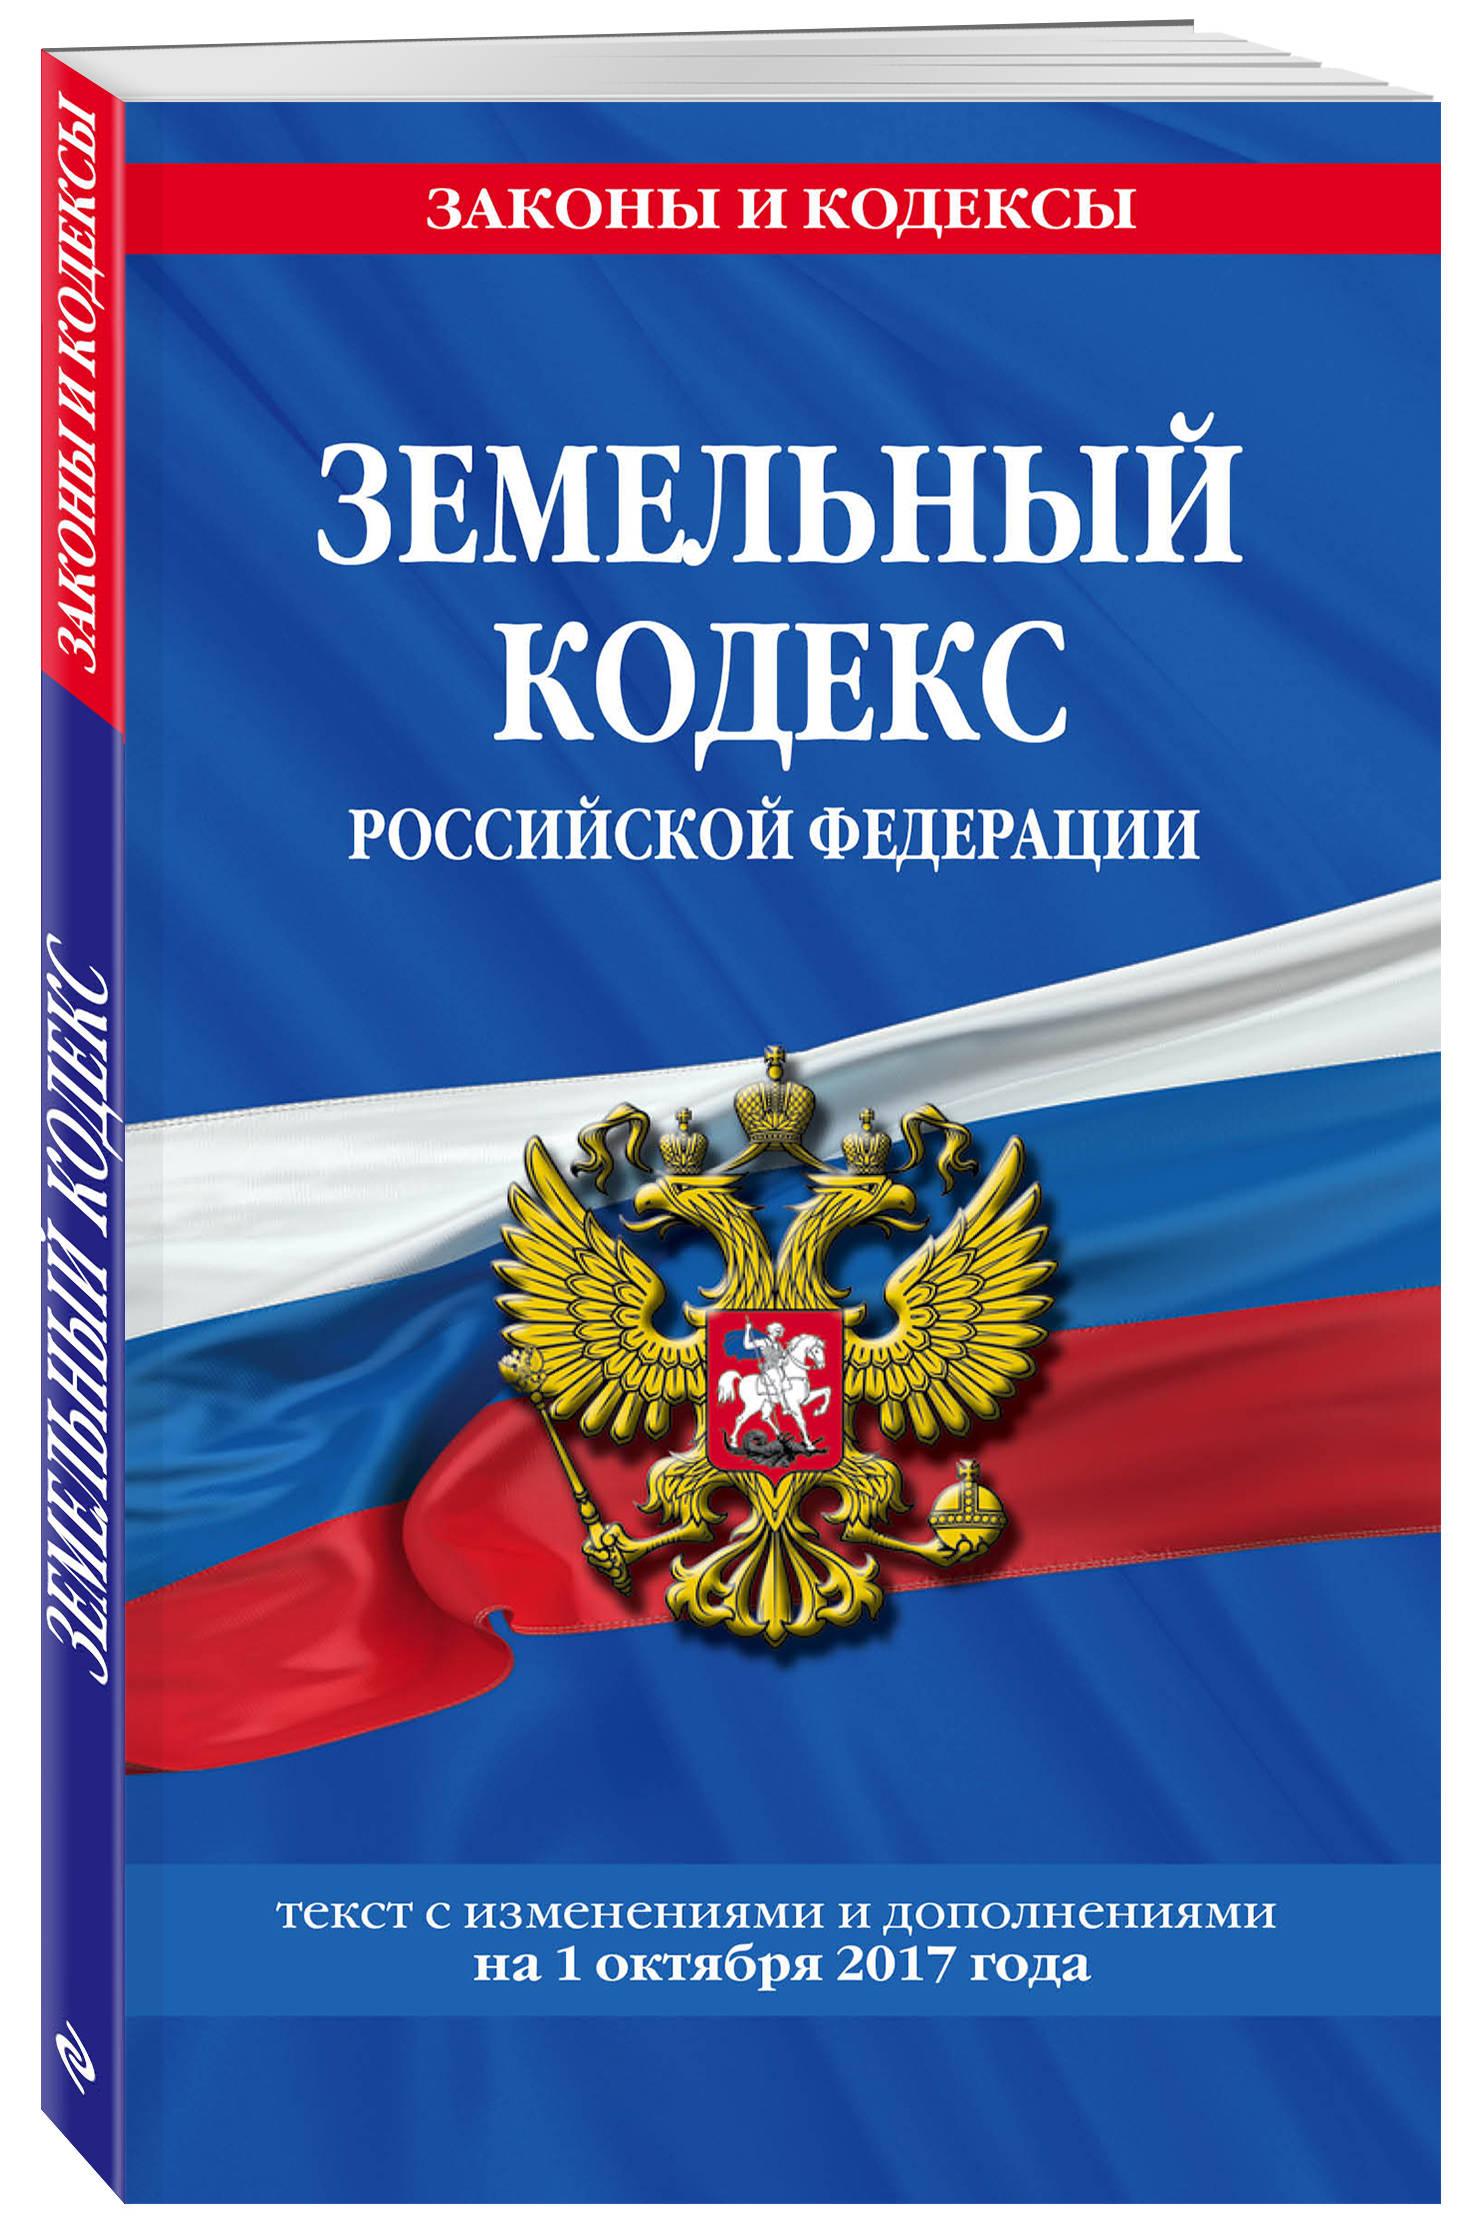 Земельный кодекс Российской Федерации : текст с изм. и доп. на 1 октября 2017 г. куплю земельный участок по рогачевскому ш